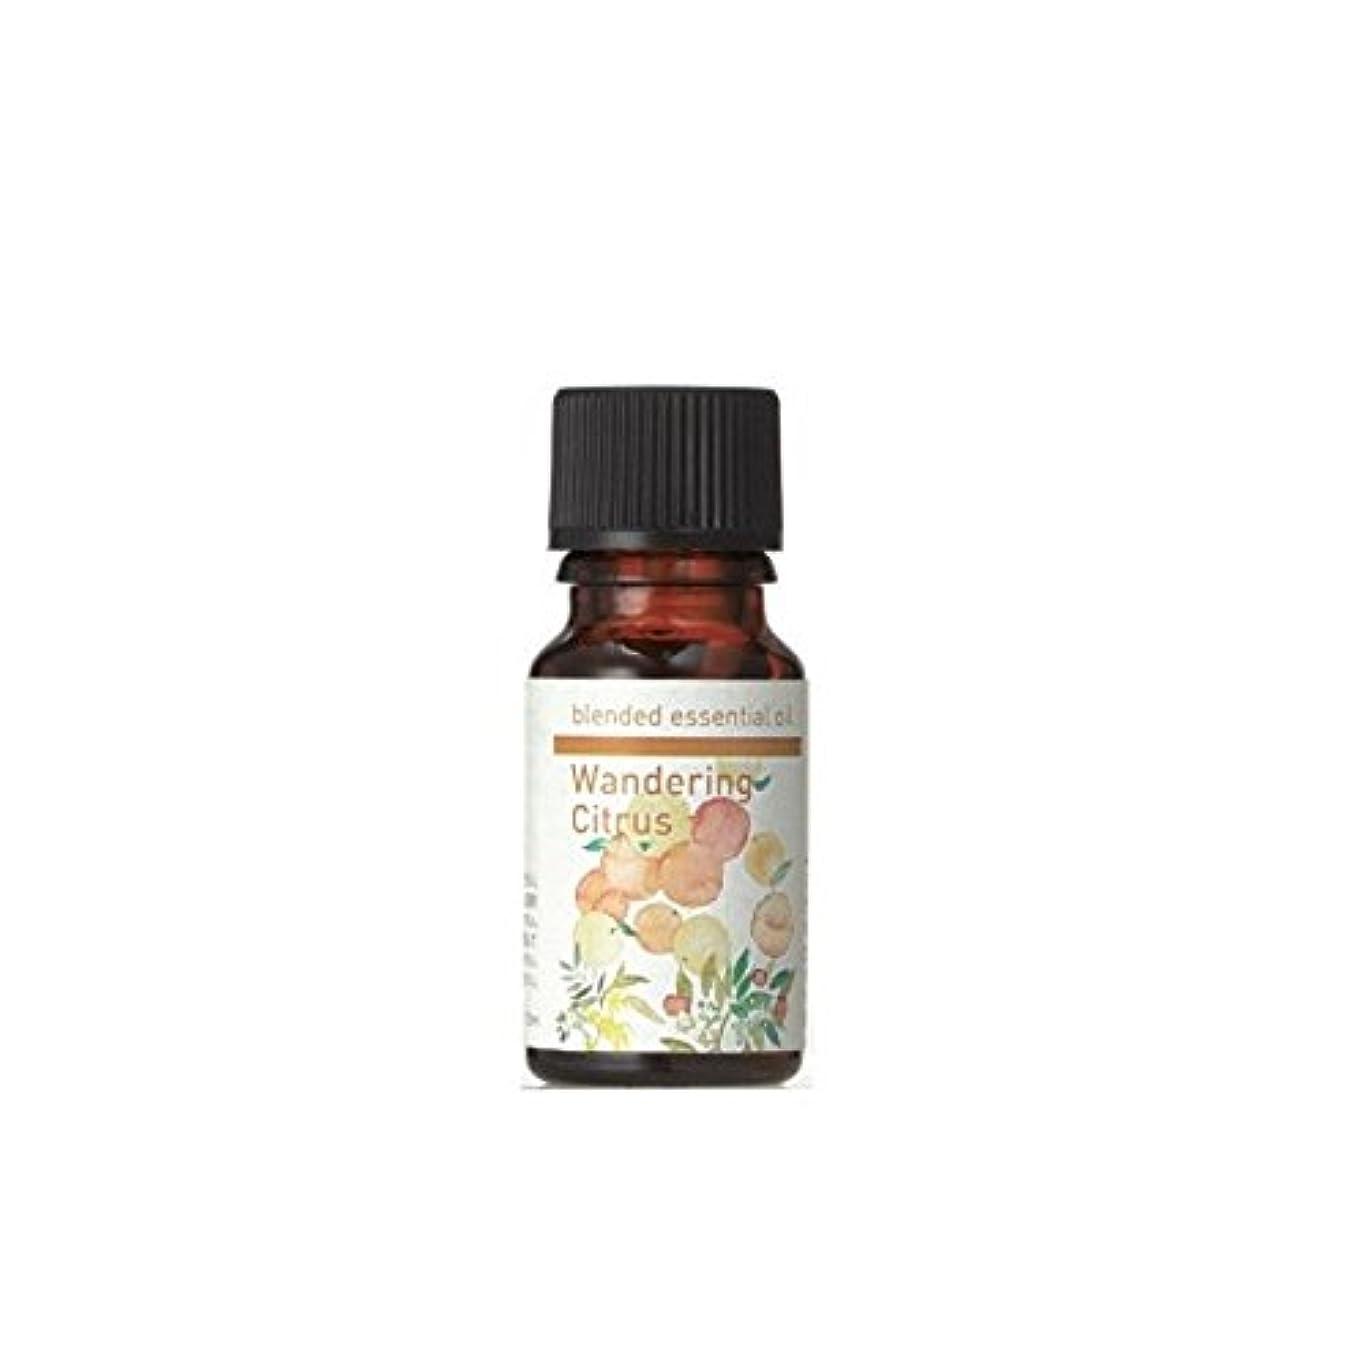 ワーカー創傷と生活の木 ブレンドエッセンシャルオイル ワンダリングシトラス [30ml] エッセンシャルオイル/精油